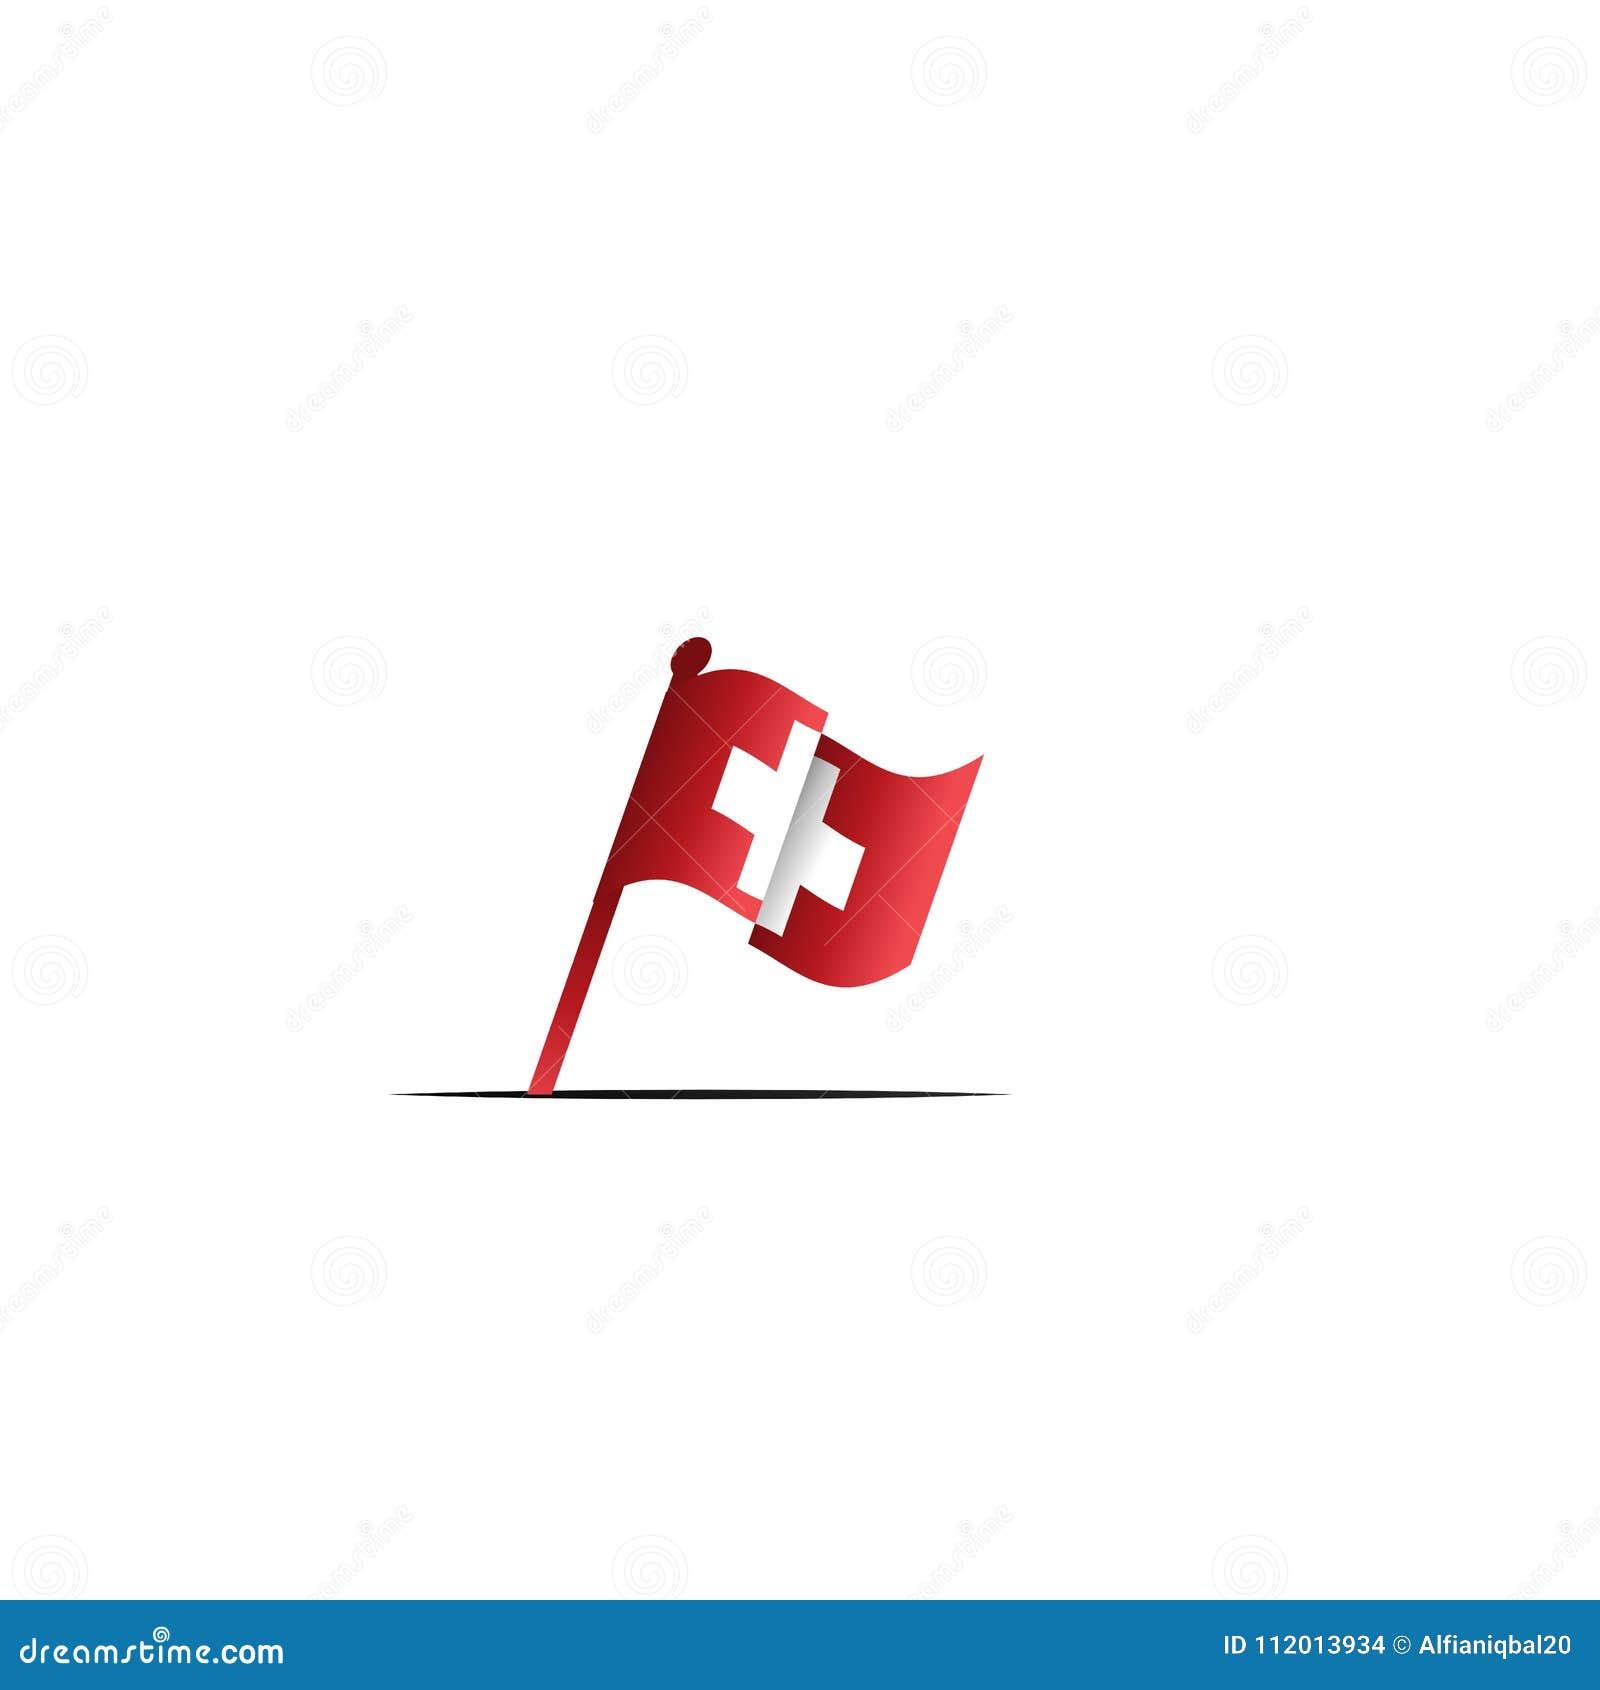 Bandiera Dondeggiamento Dello Svizzero Con Lincrocio Bianco Fondo